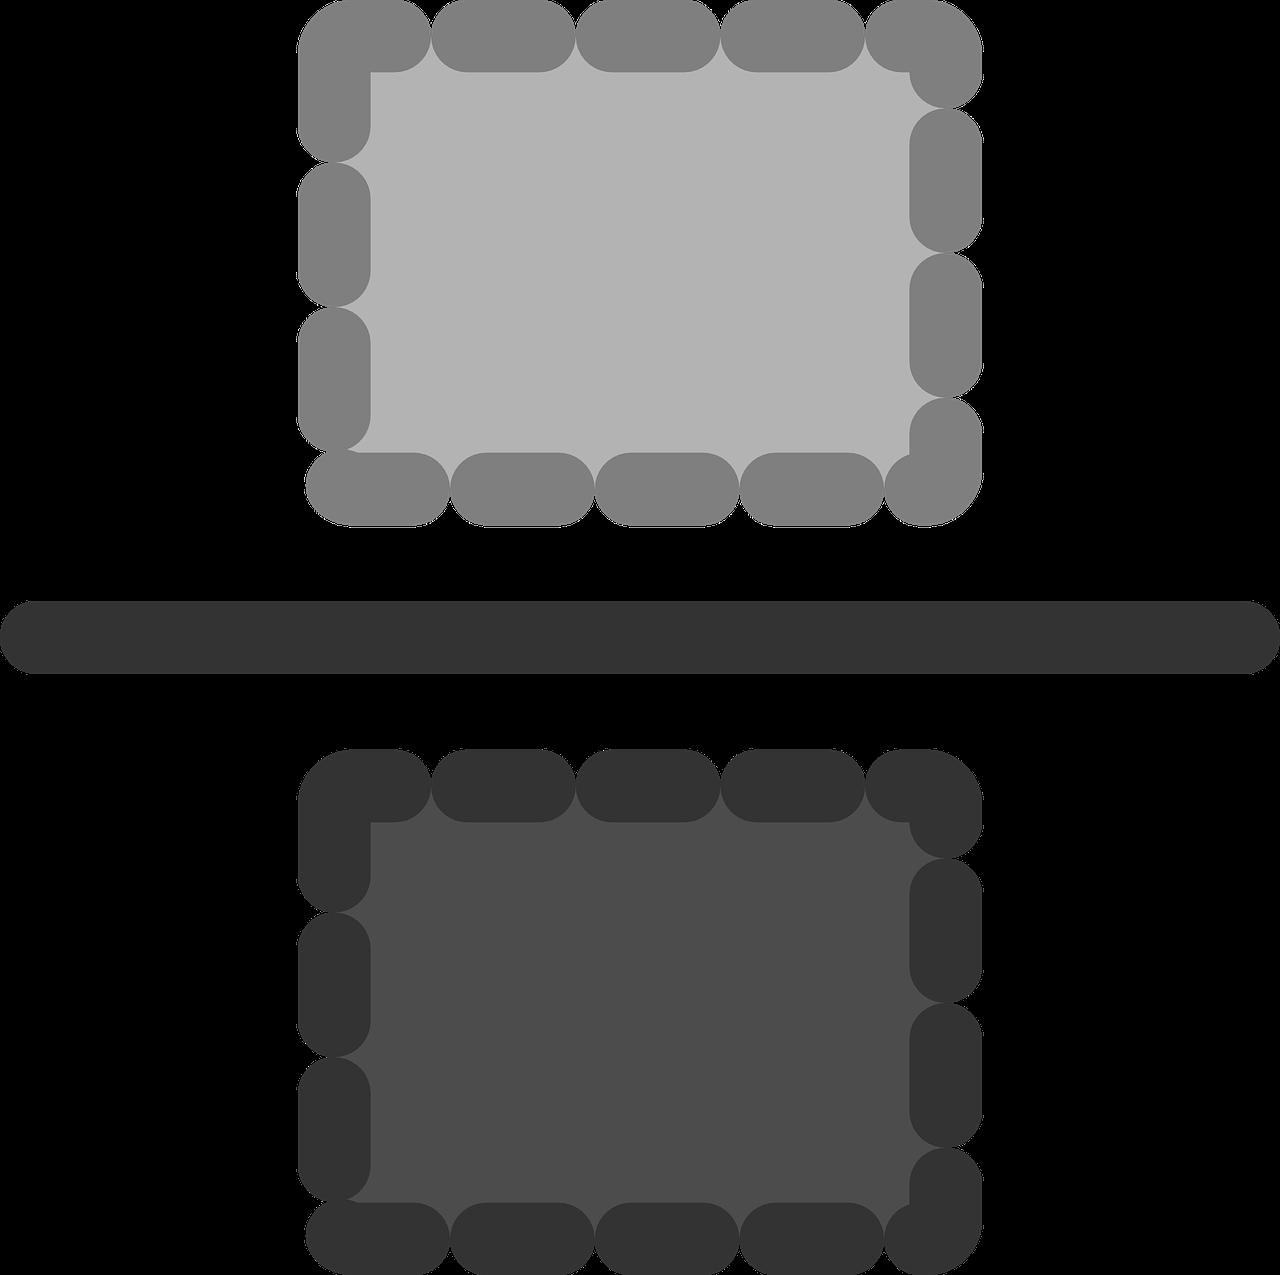 fraction-27235_1280